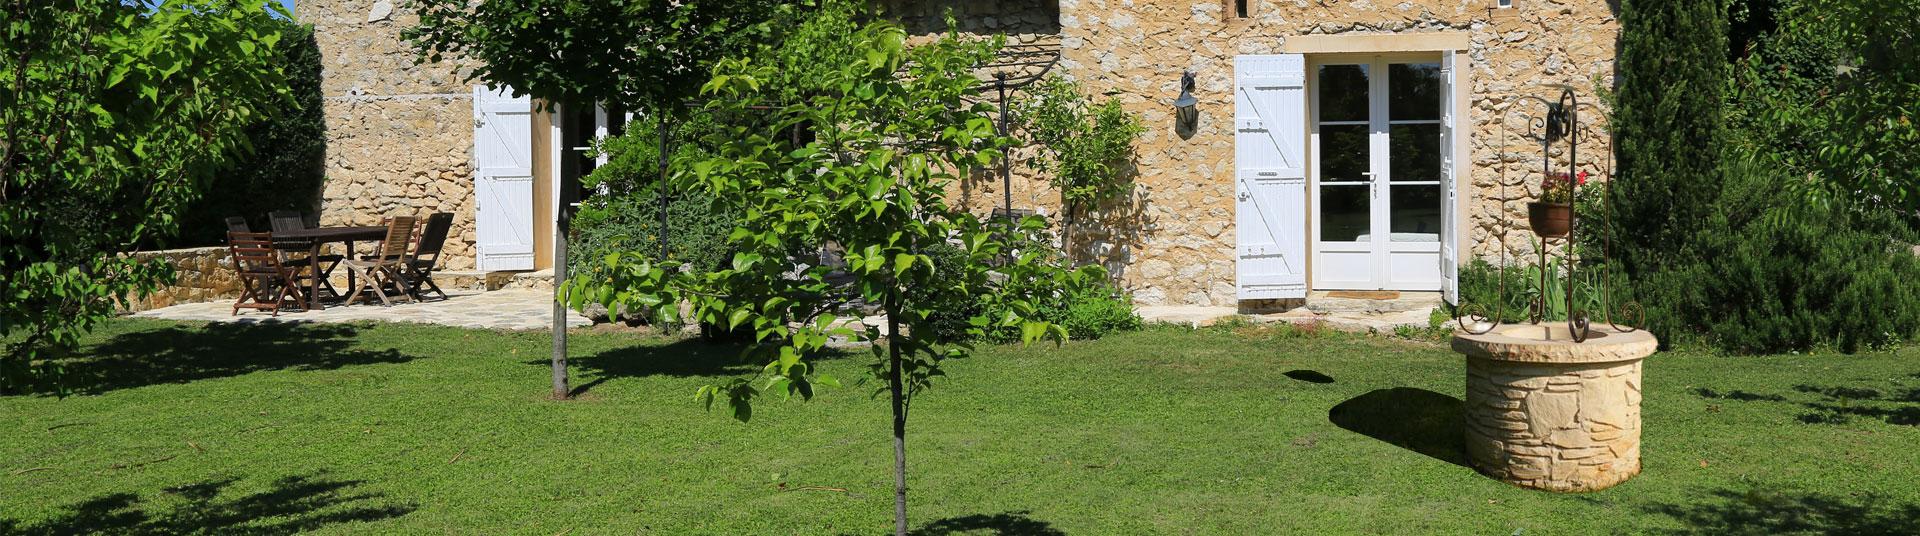 Puits En Pierre Reconstituée, Puits Décoratif Pour Jardin En ... dedans Puit Decoratif Jardin